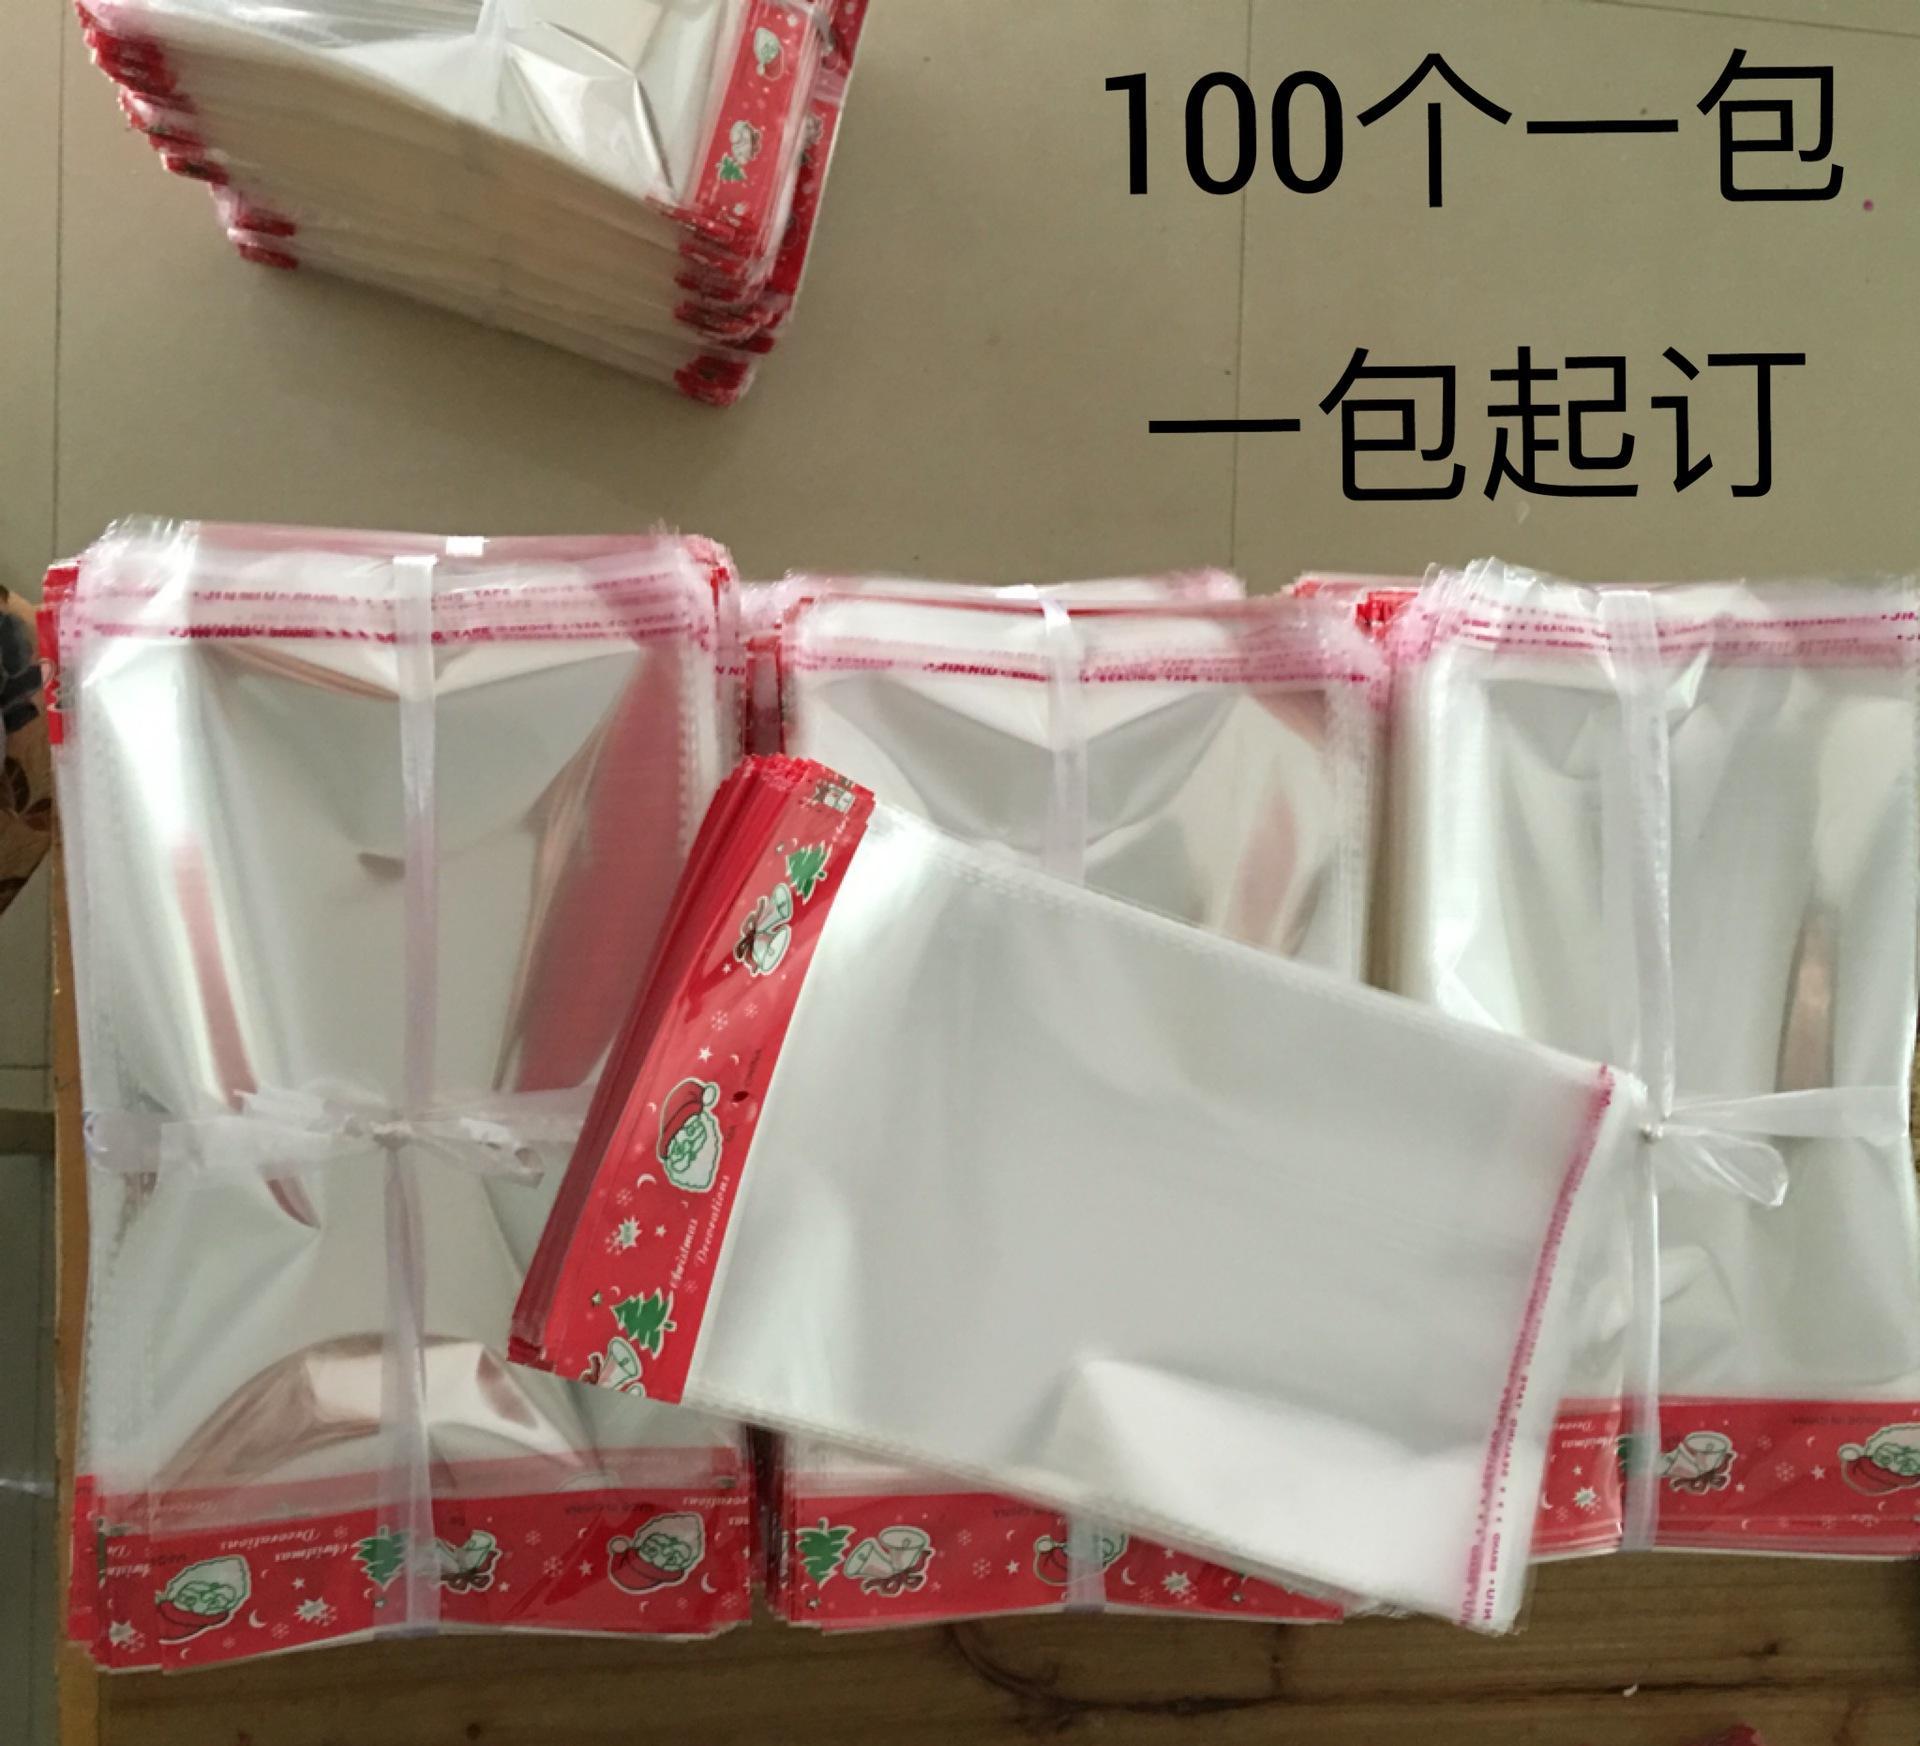 定制opp袋自粘袋服装袋opp包装袋塑料袋 透明塑料袋27*22